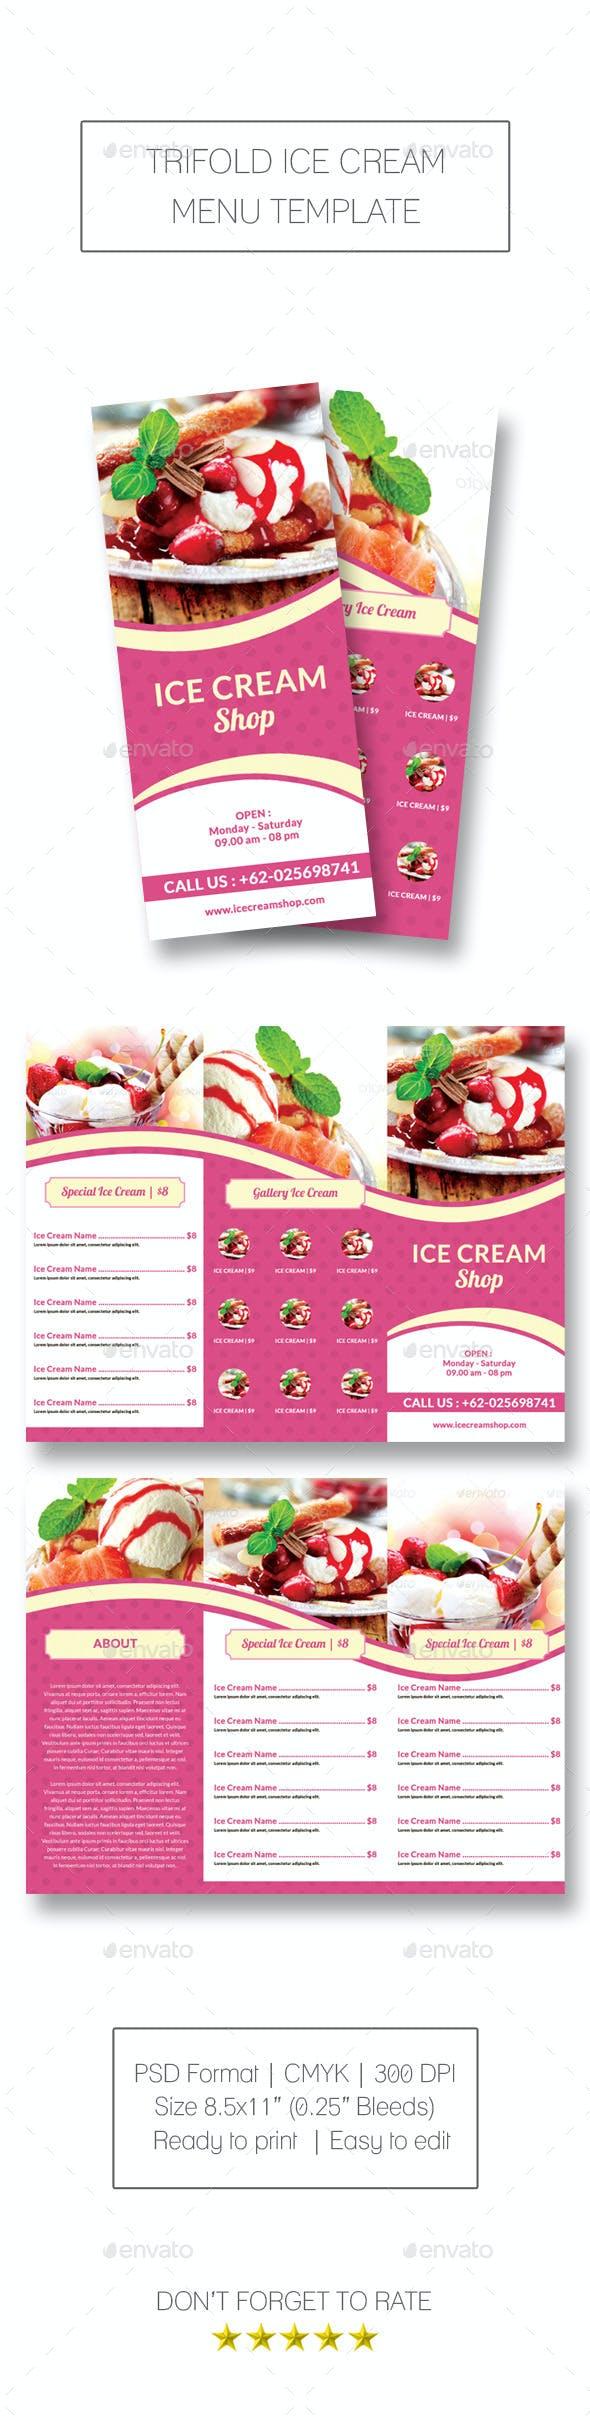 trifold ice cream menu template by meisuseno graphicriver